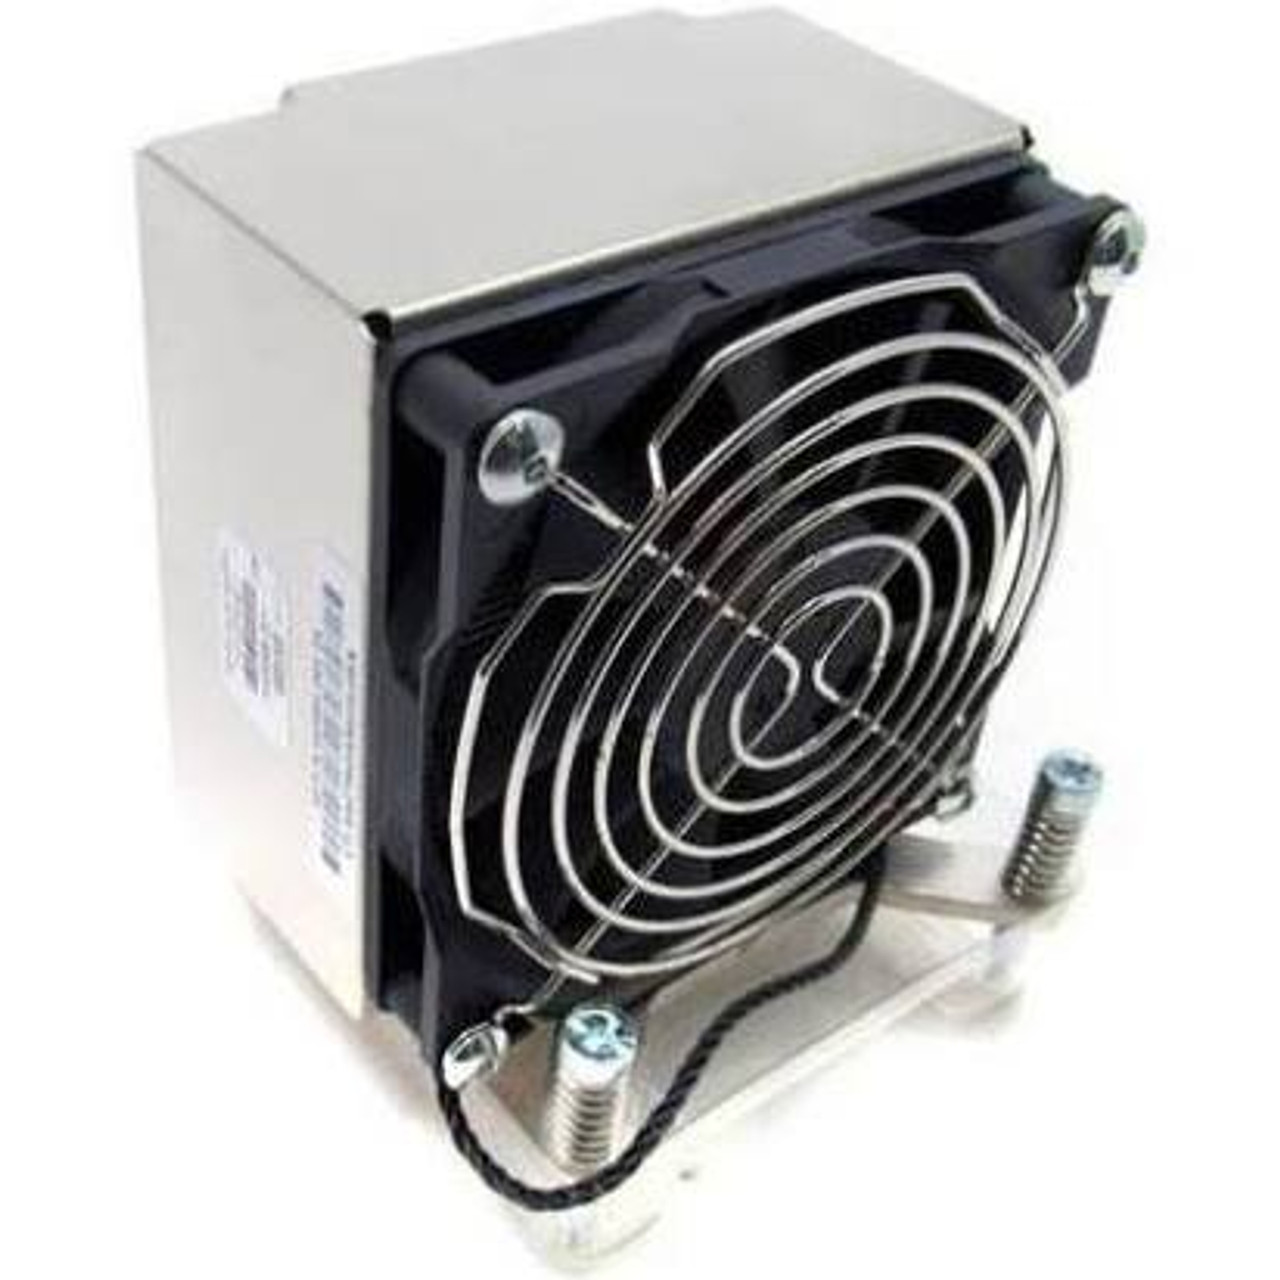 HP HEATSINK FOR PROLIANT DL380 G7 130W (651074-001) - Avanti